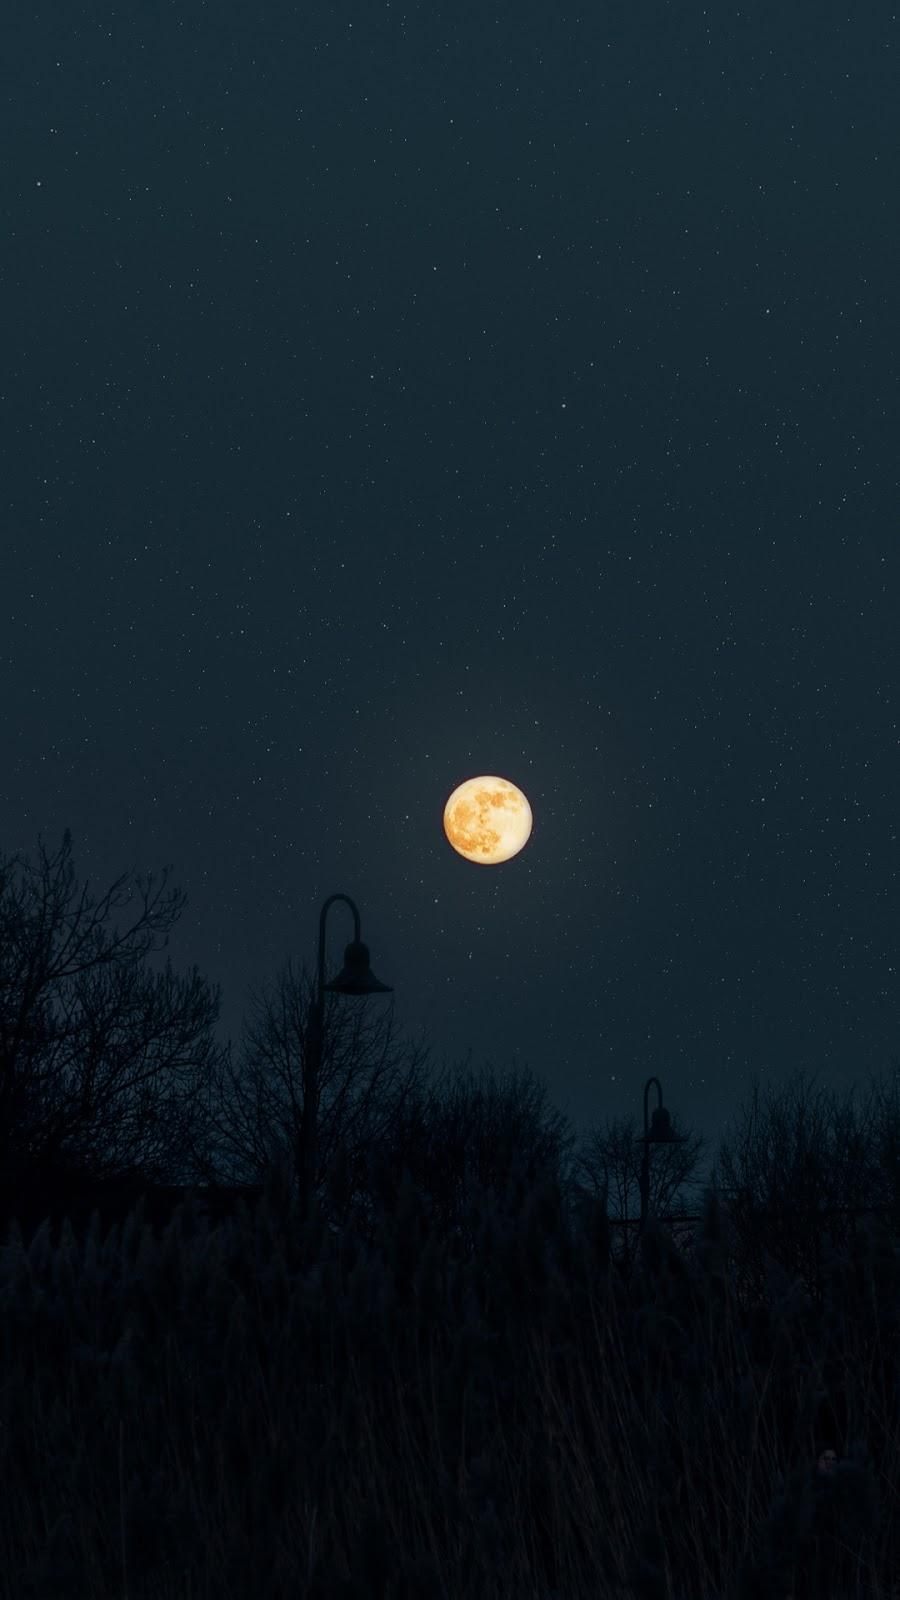 Under full moon